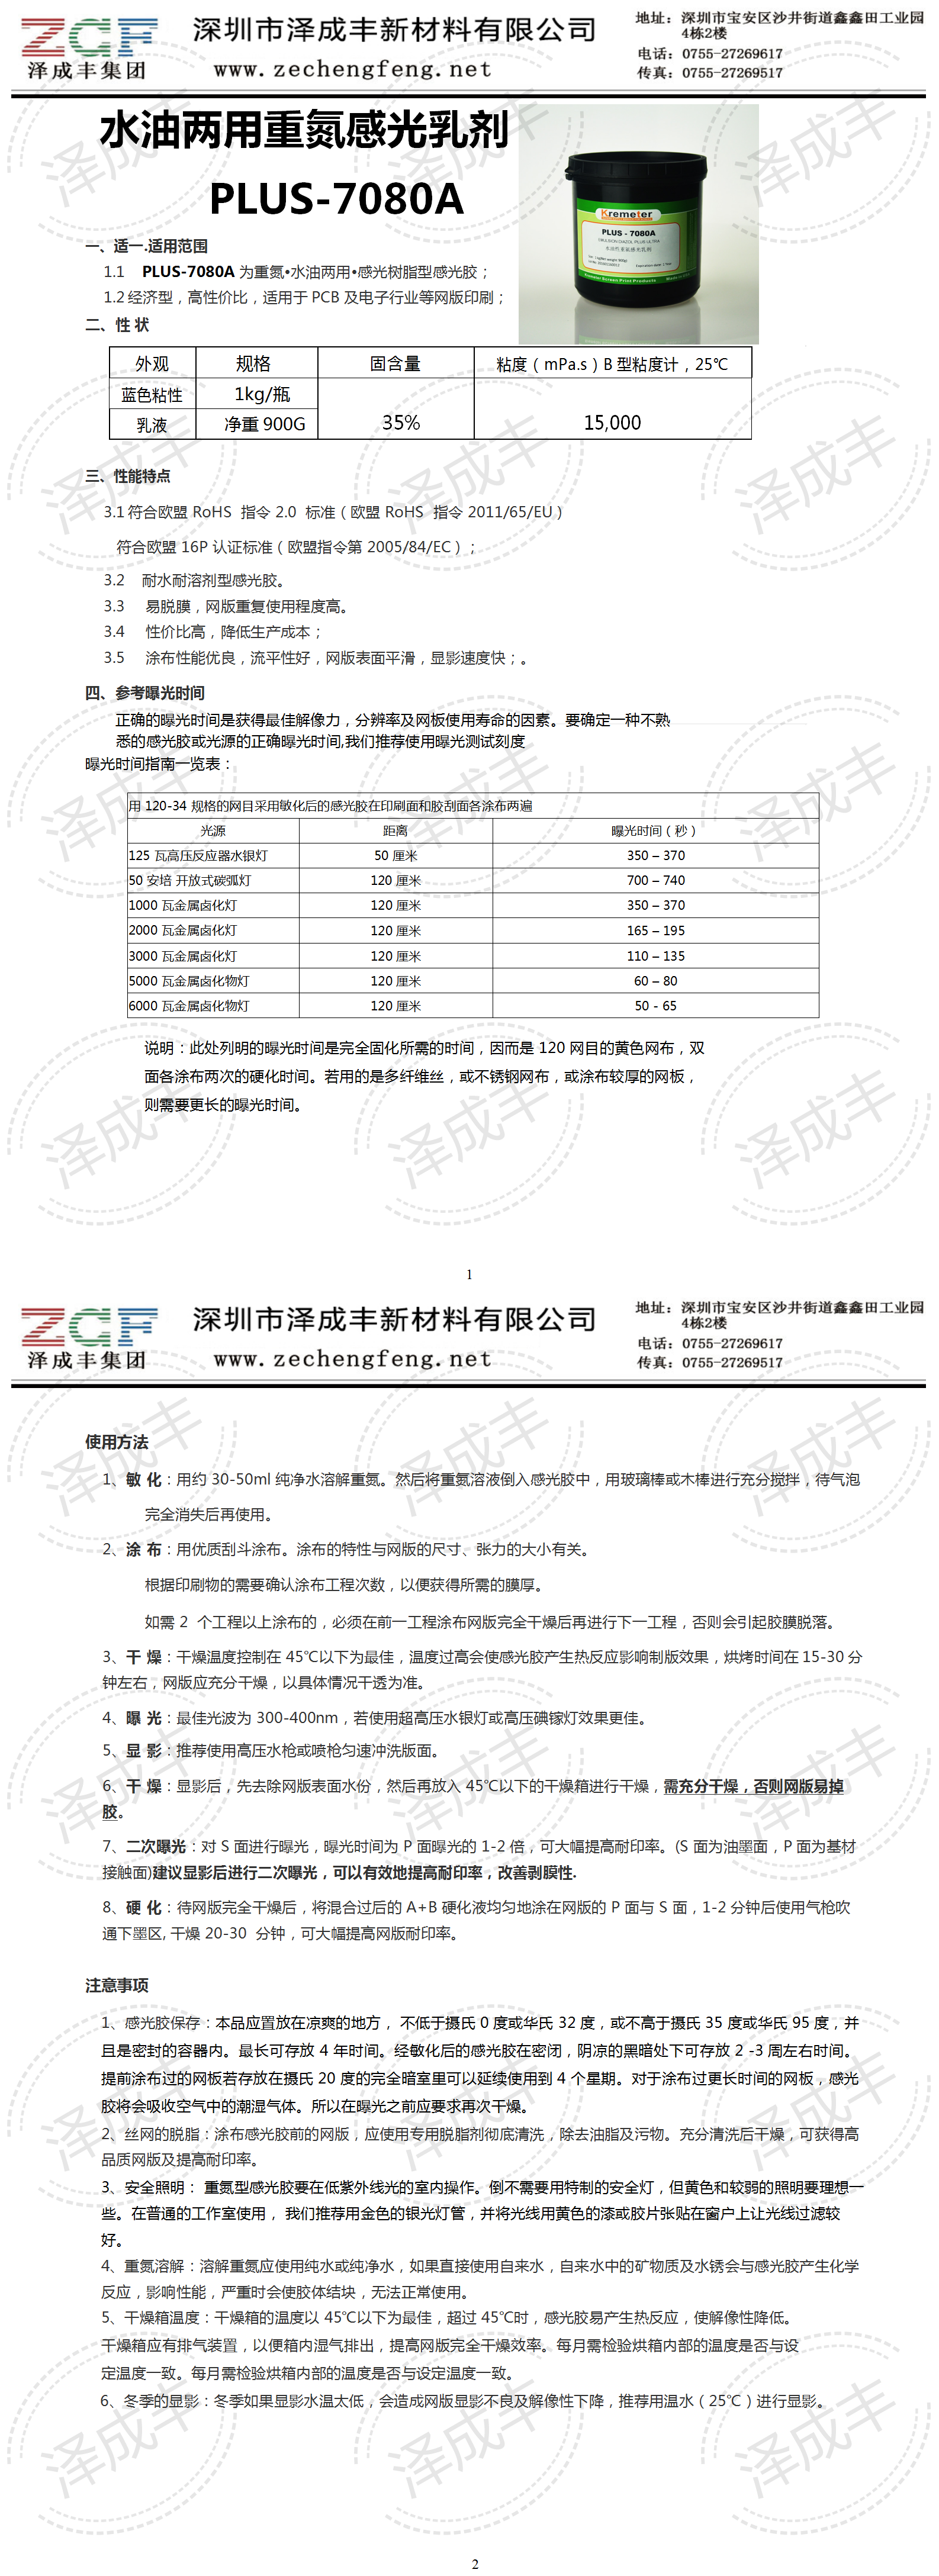 http://www.zechengfeng.net/images/admin/upload/20200109/b84525f12118132be1527cbe694851f3.png